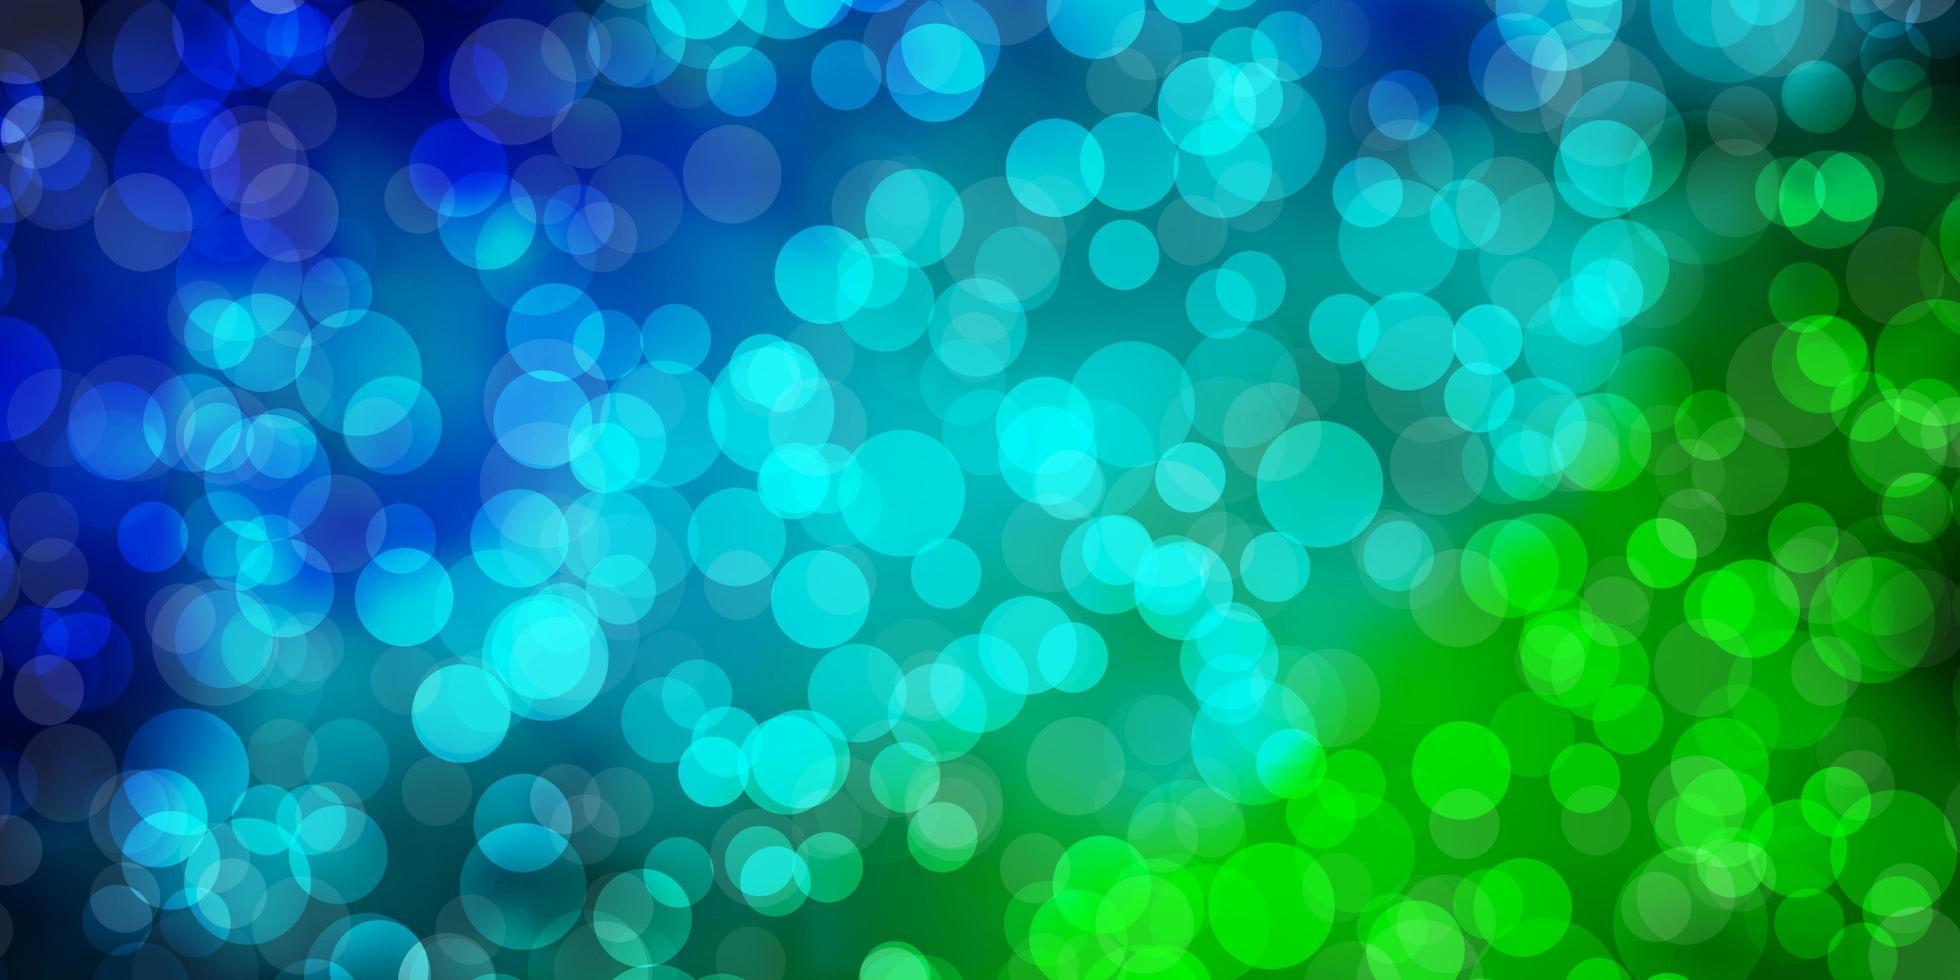 lichtblauwe en groene textuur met cirkels. vector